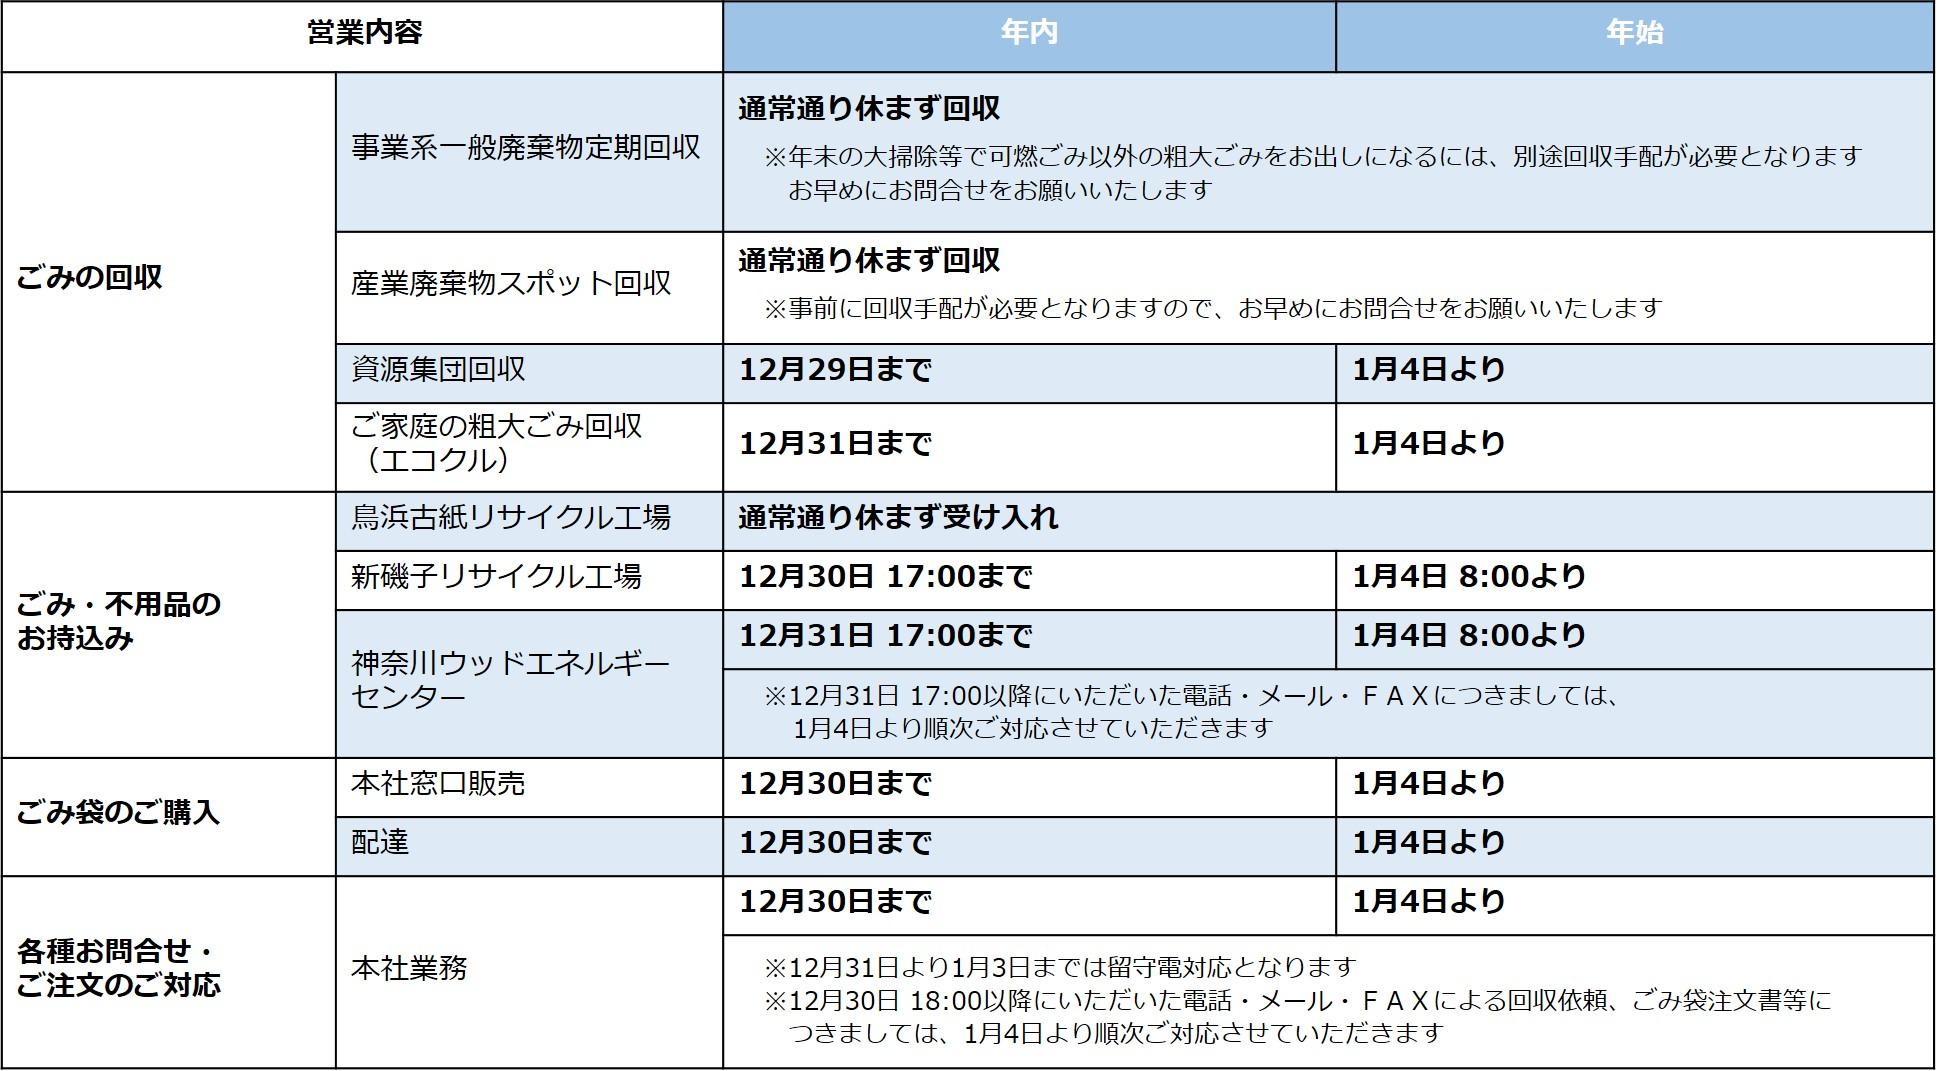 武松グループ 年末年始 営業日のお知らせ